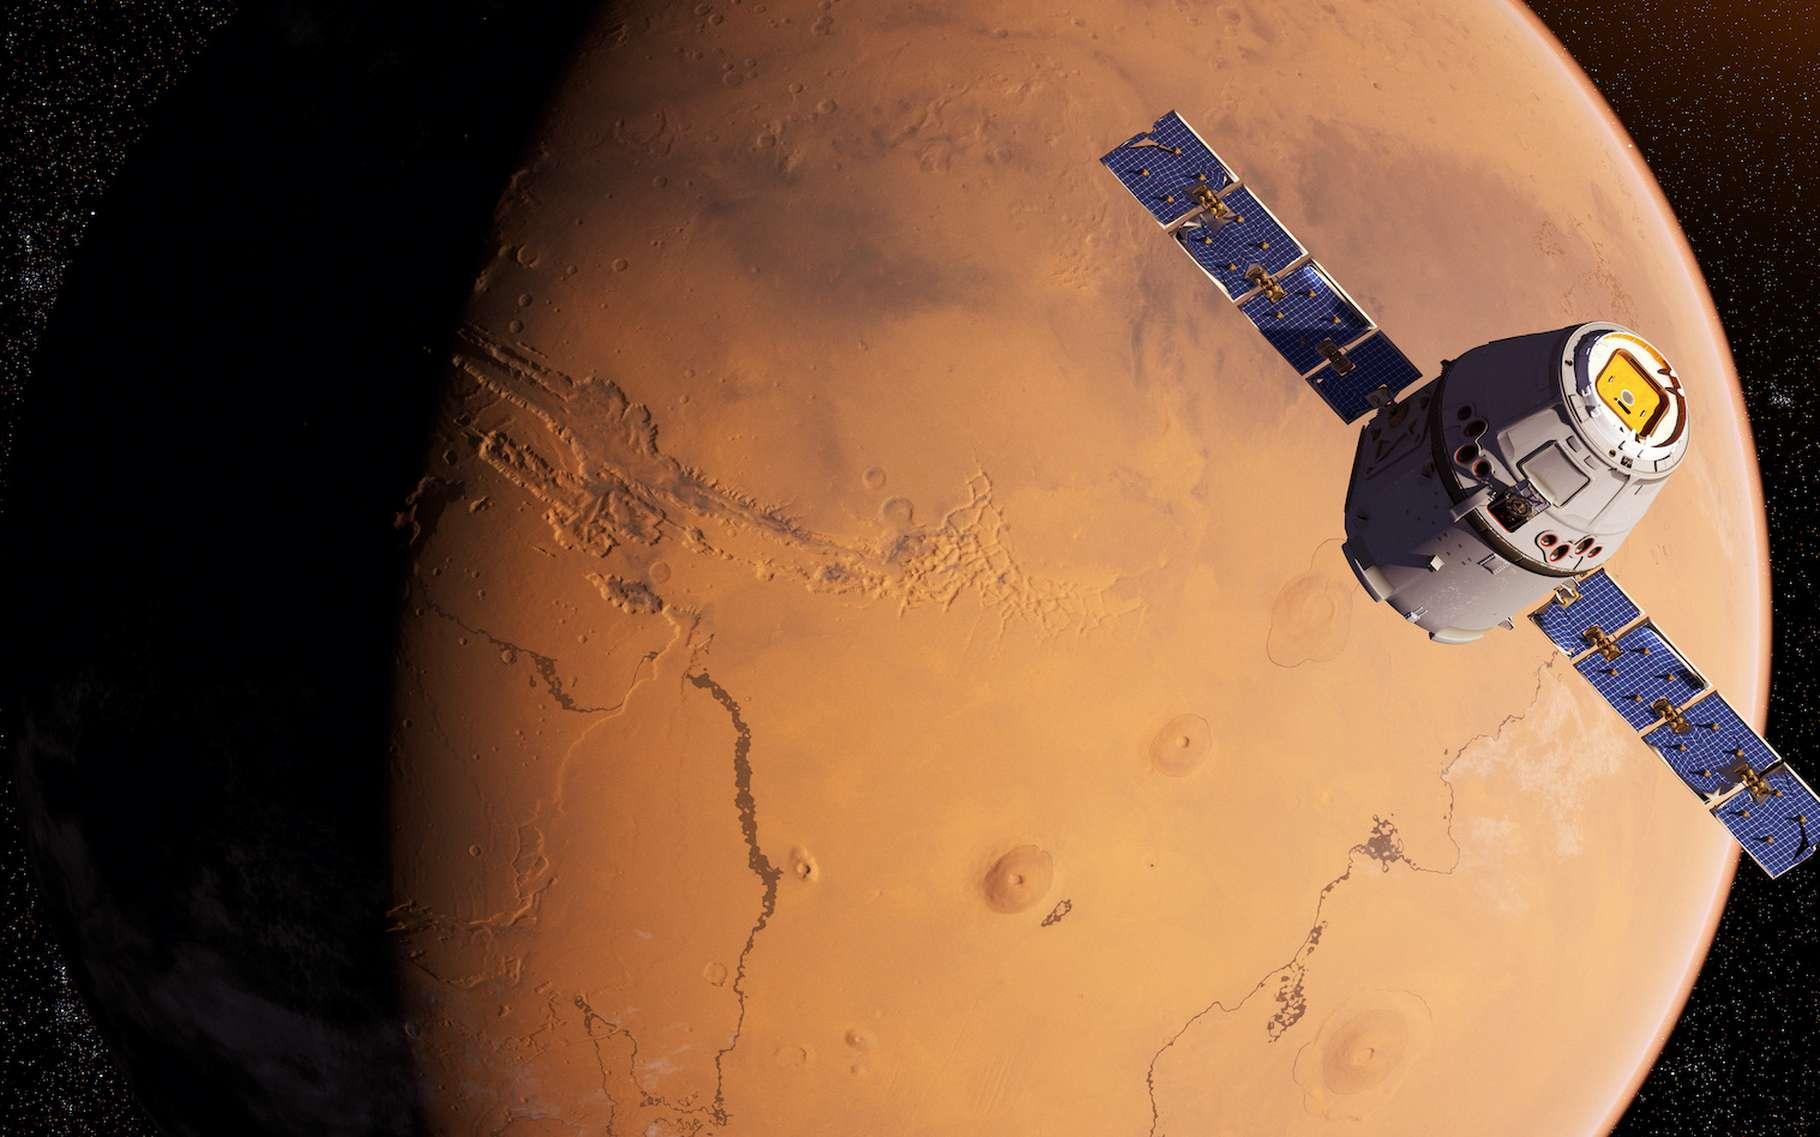 Mars 2020 : faut-il avoir peur d'une contamination par un virus martien ?